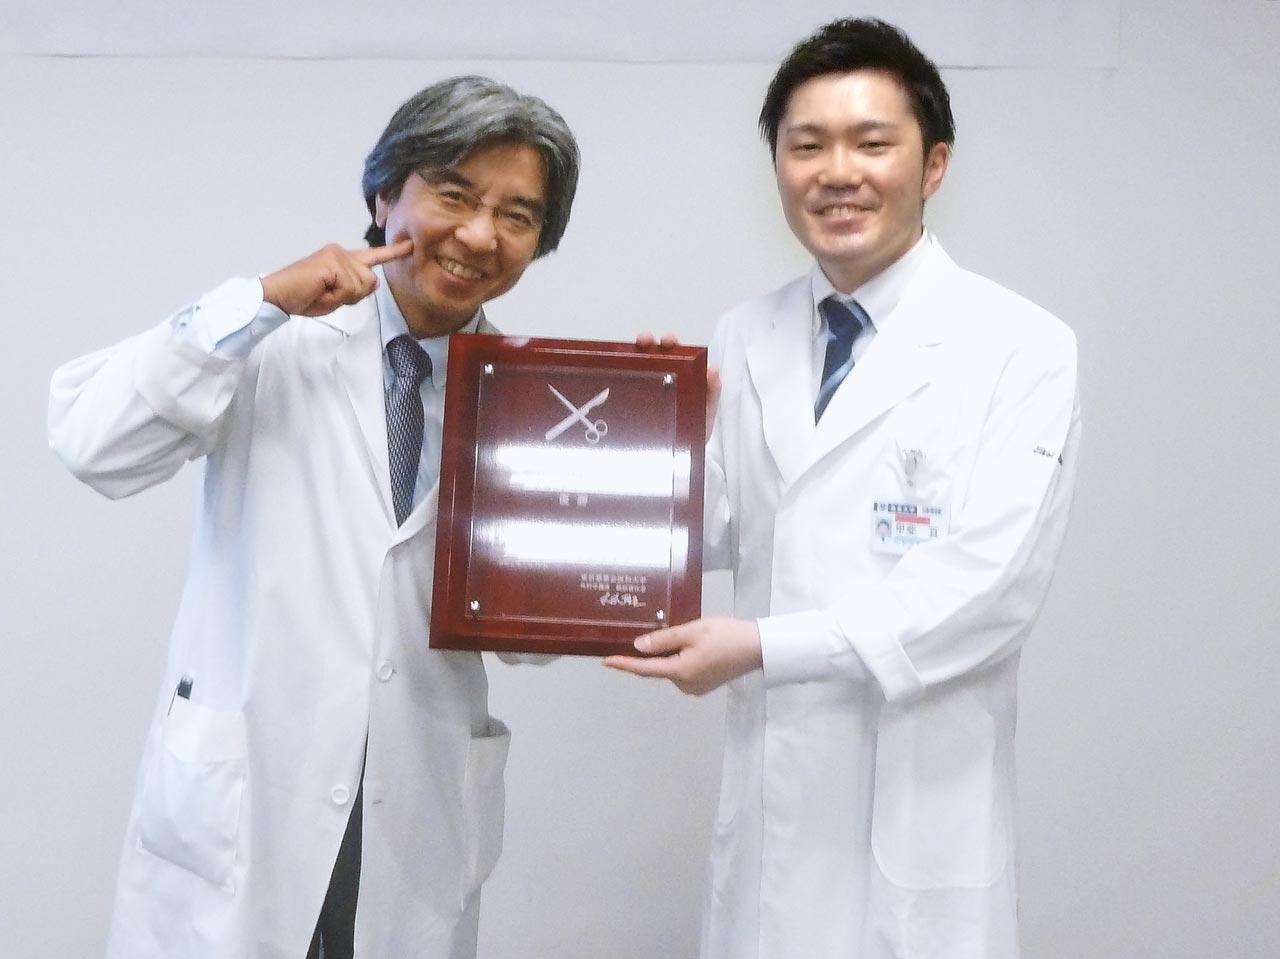 優勝:甲斐亘先生(国立西埼玉中央病院)